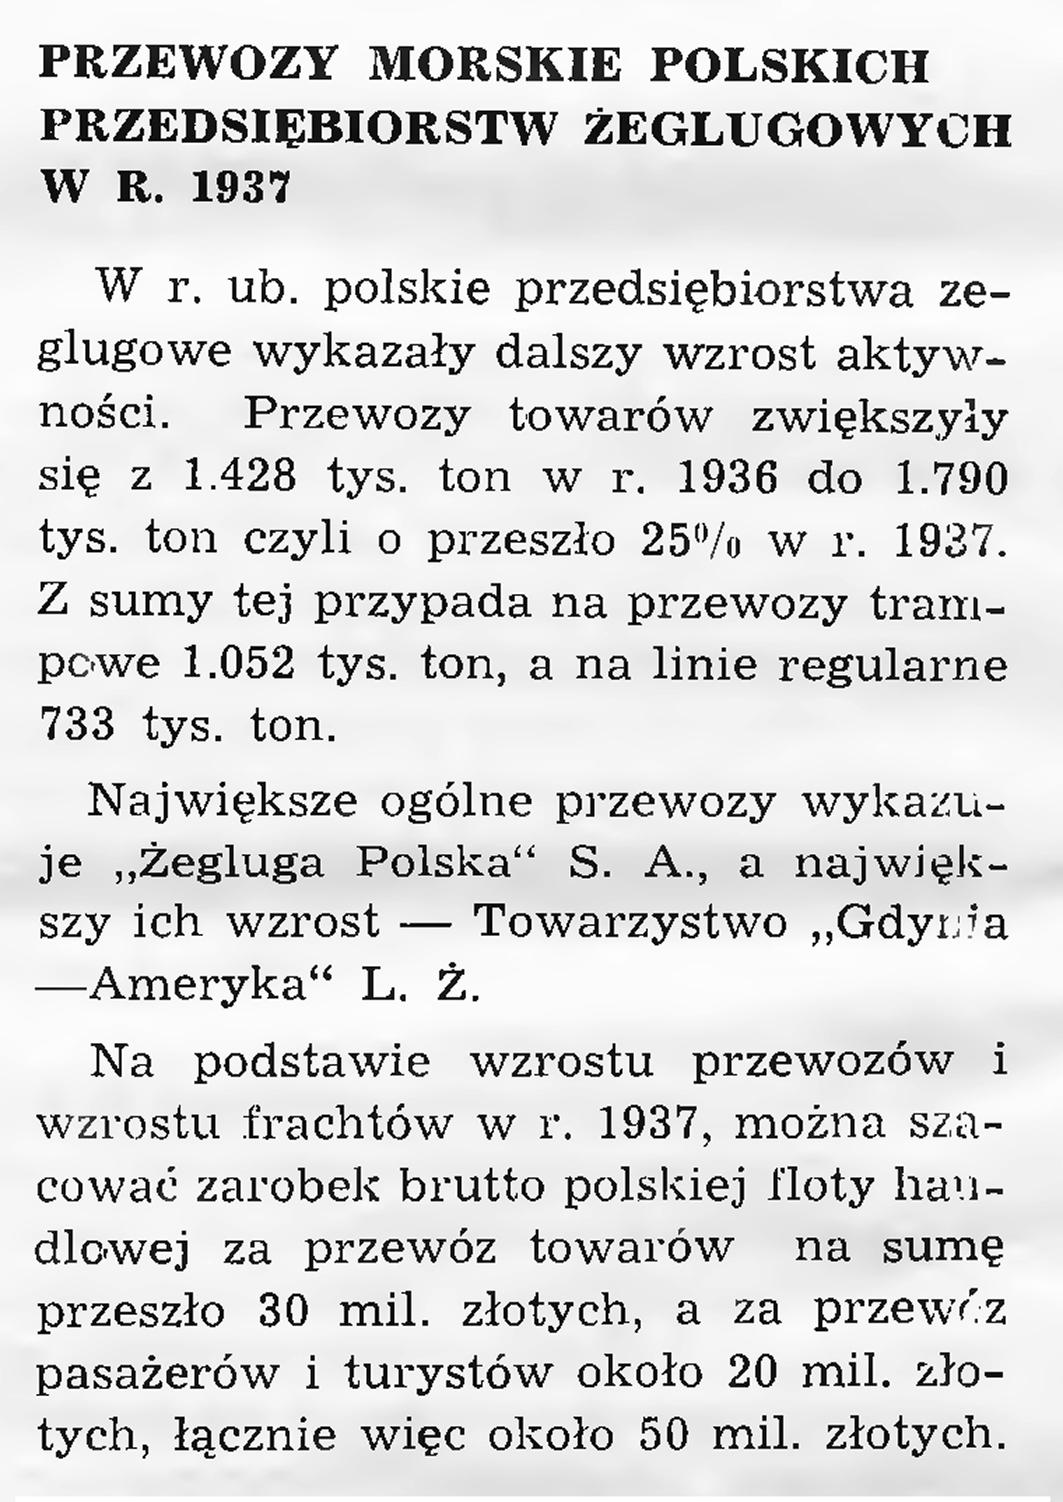 Przewozy morskie polskich przedsiębiorstw żeglugowych